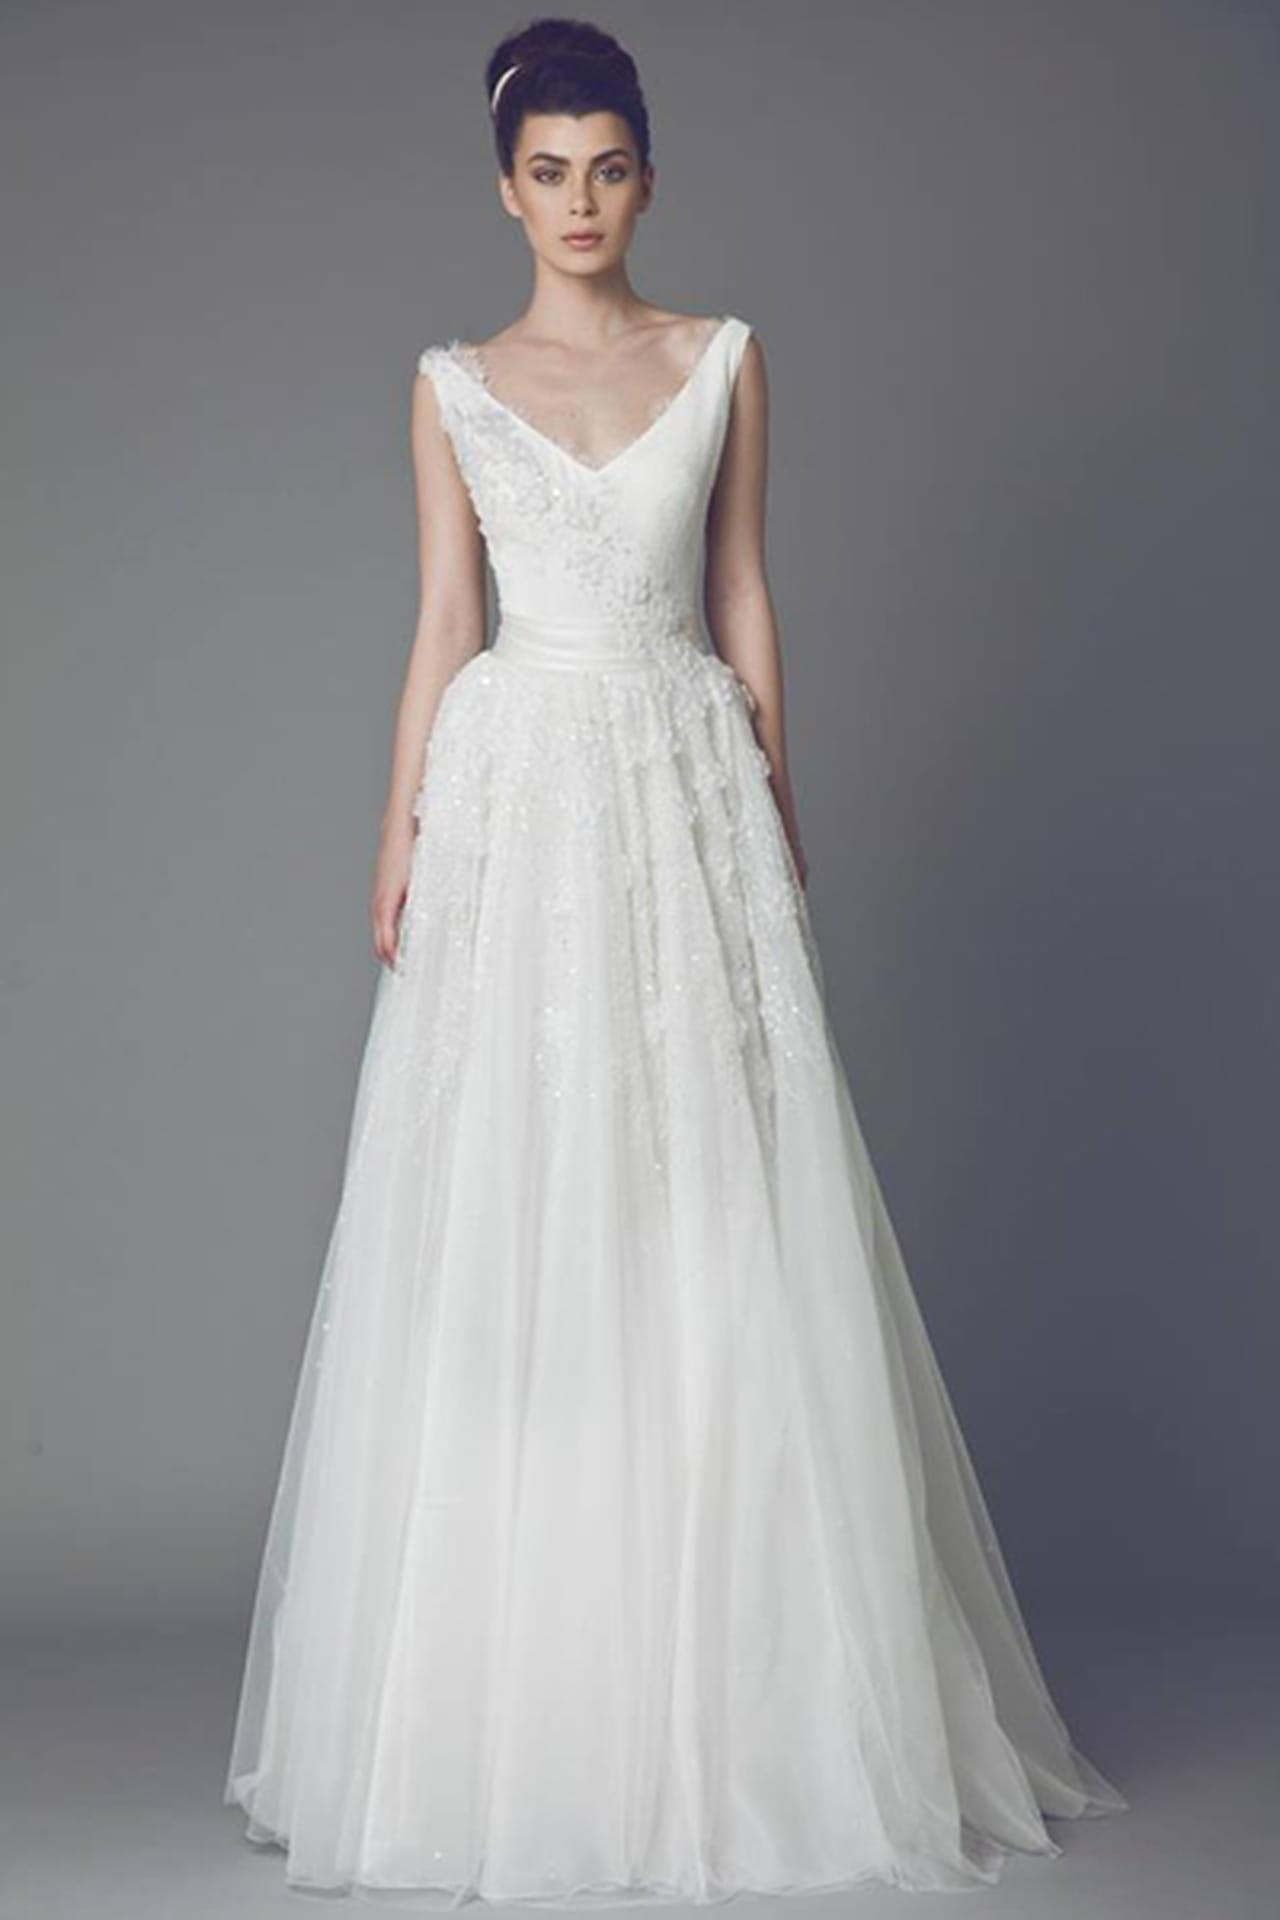 فساتين زفاف طوني ورد 823996